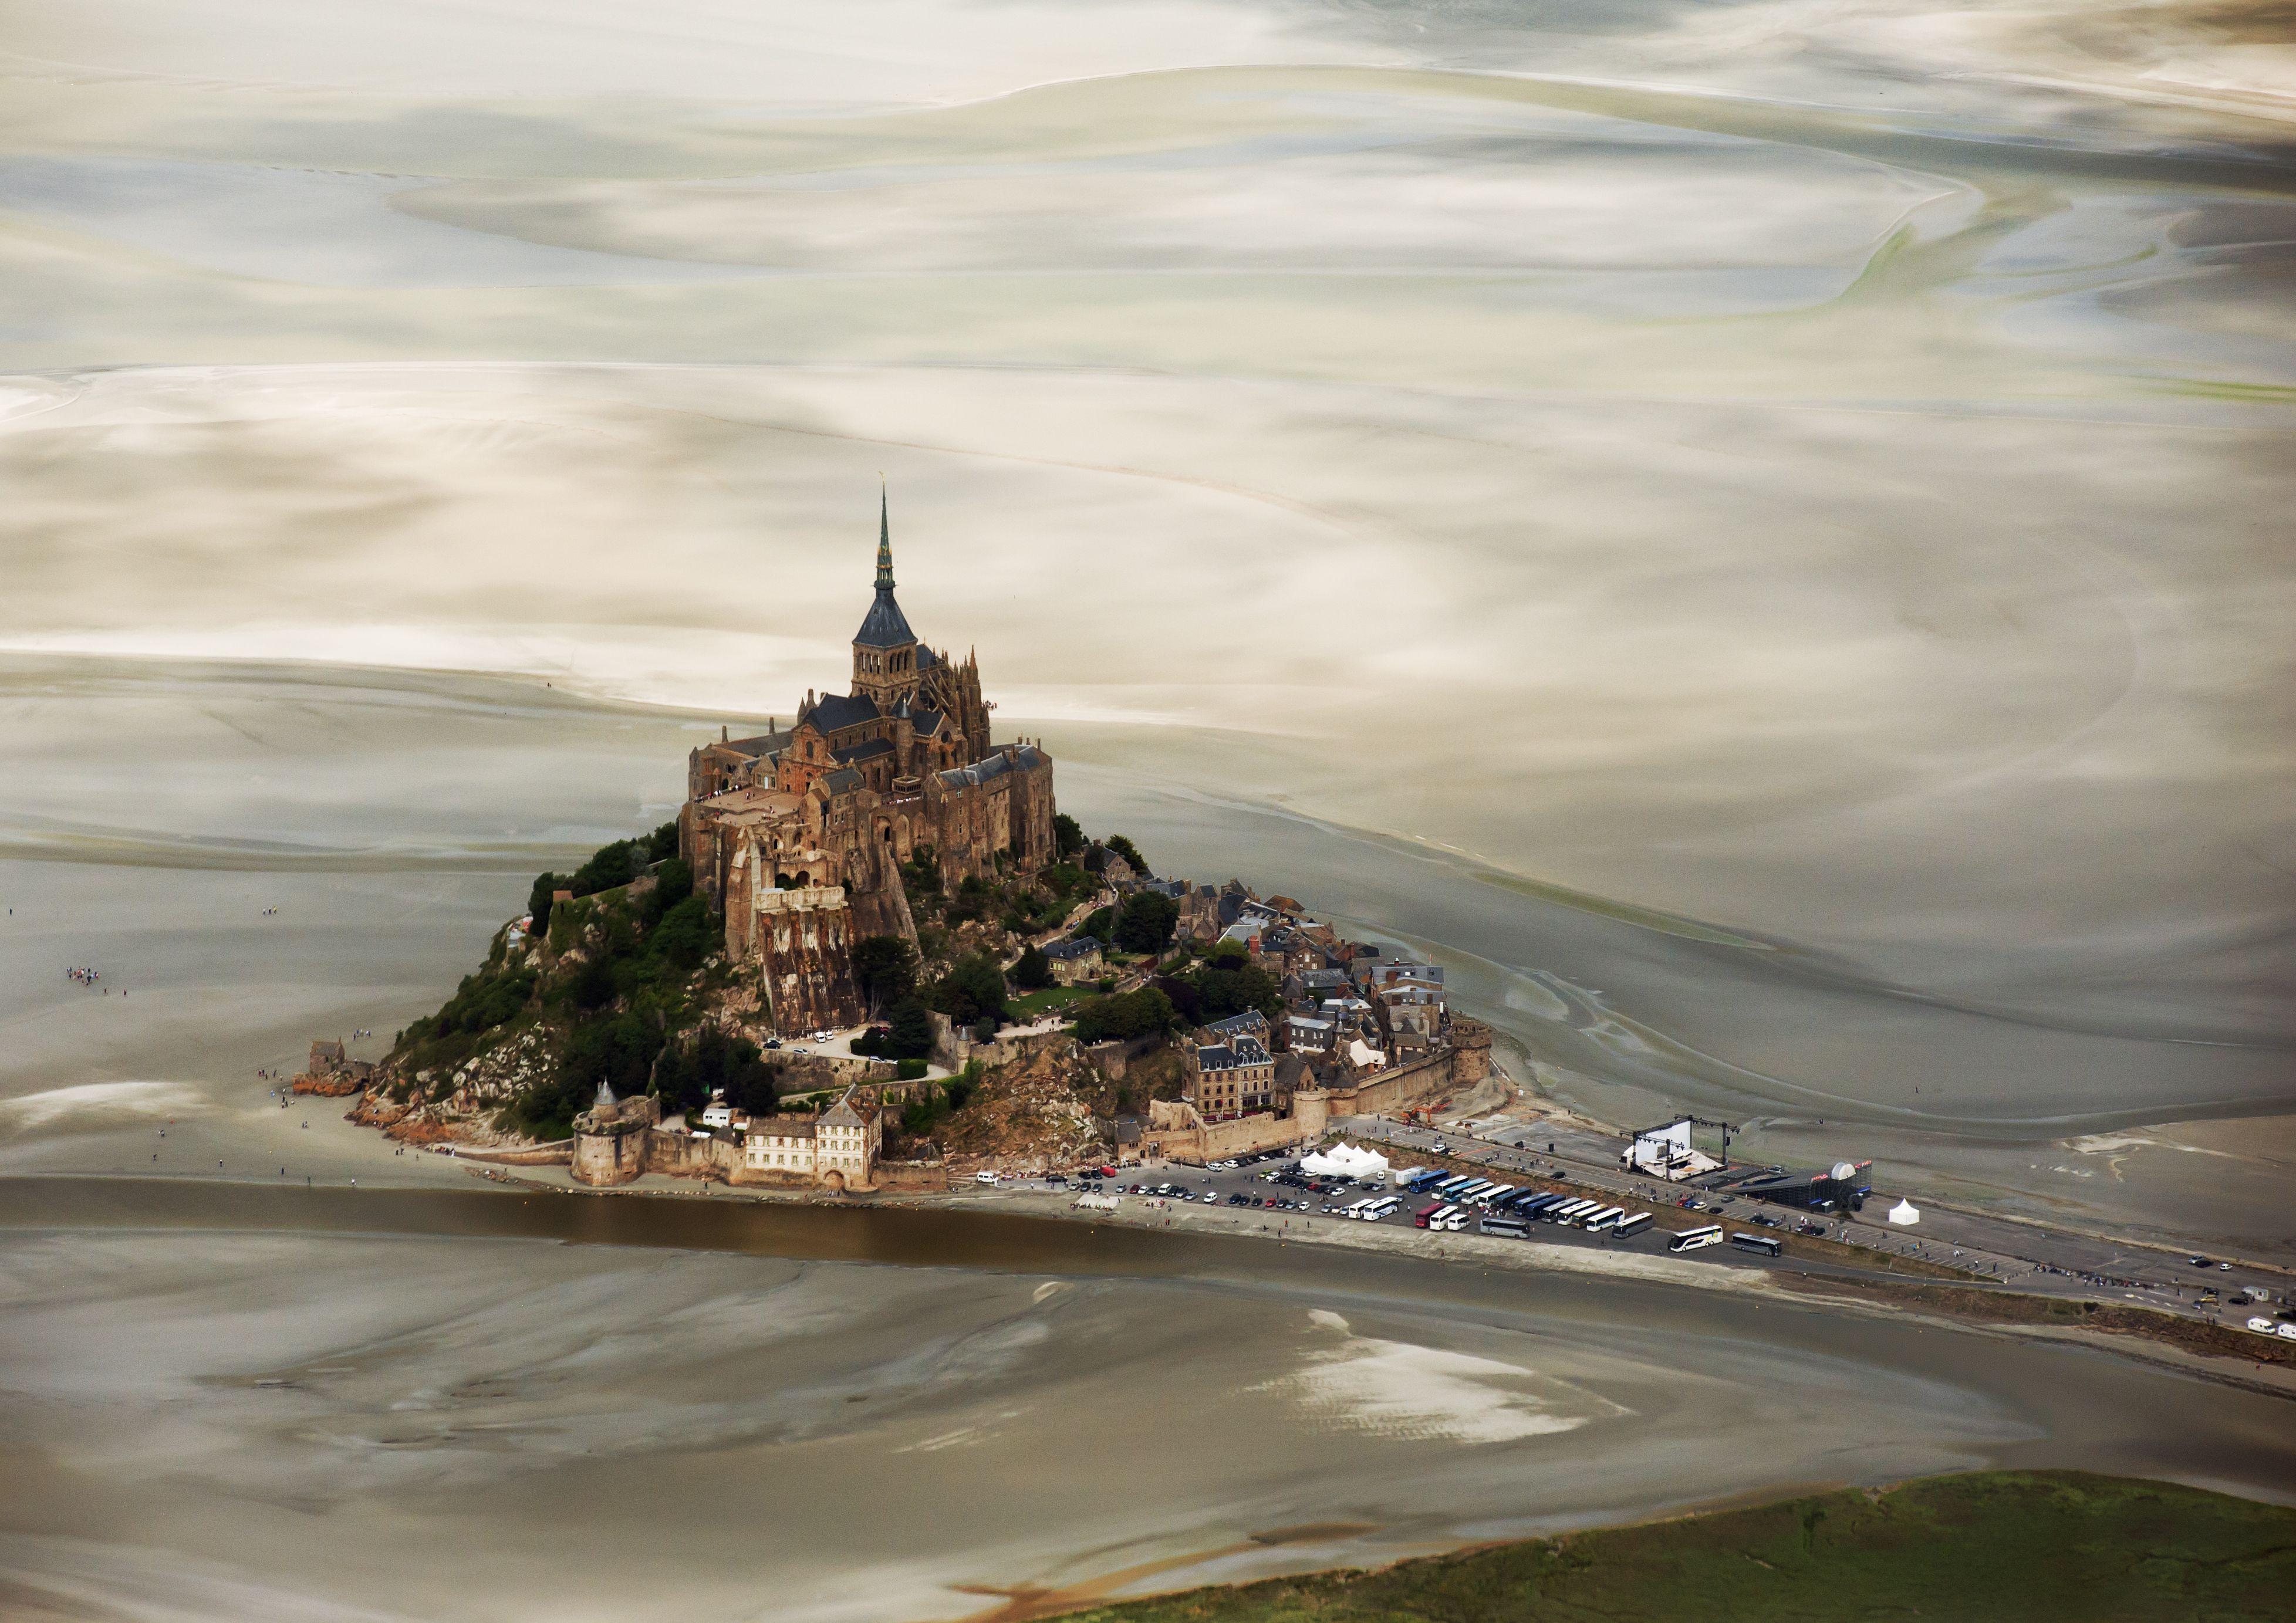 Castle on hill, Mont-Saint-Michel, France